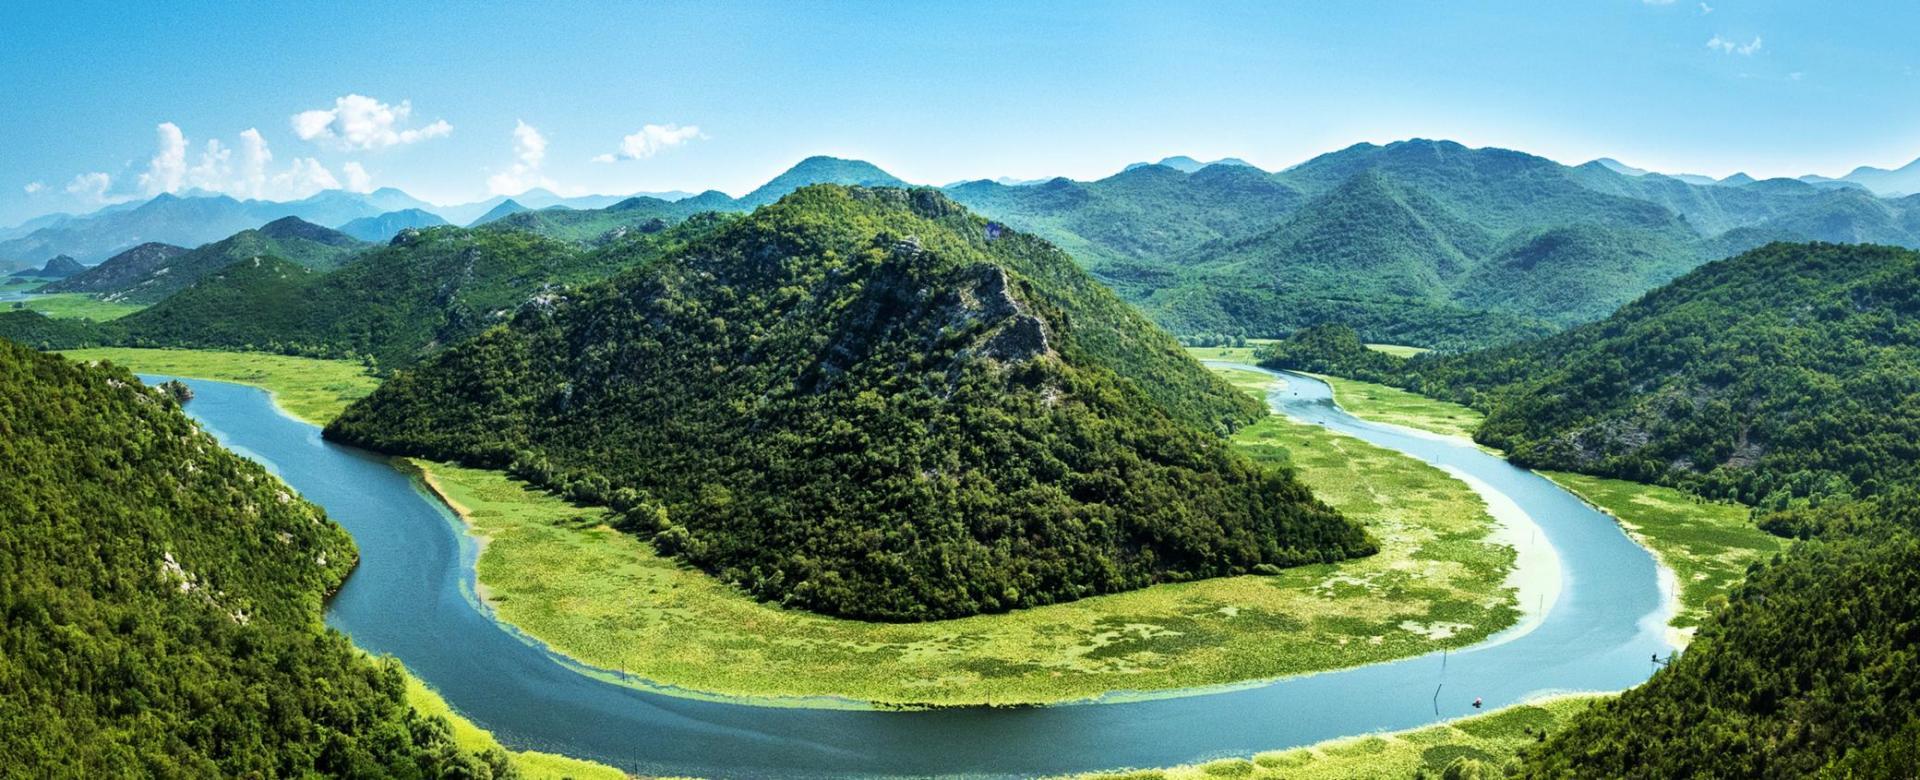 Voyage à pied : Le grand tour du monténégro